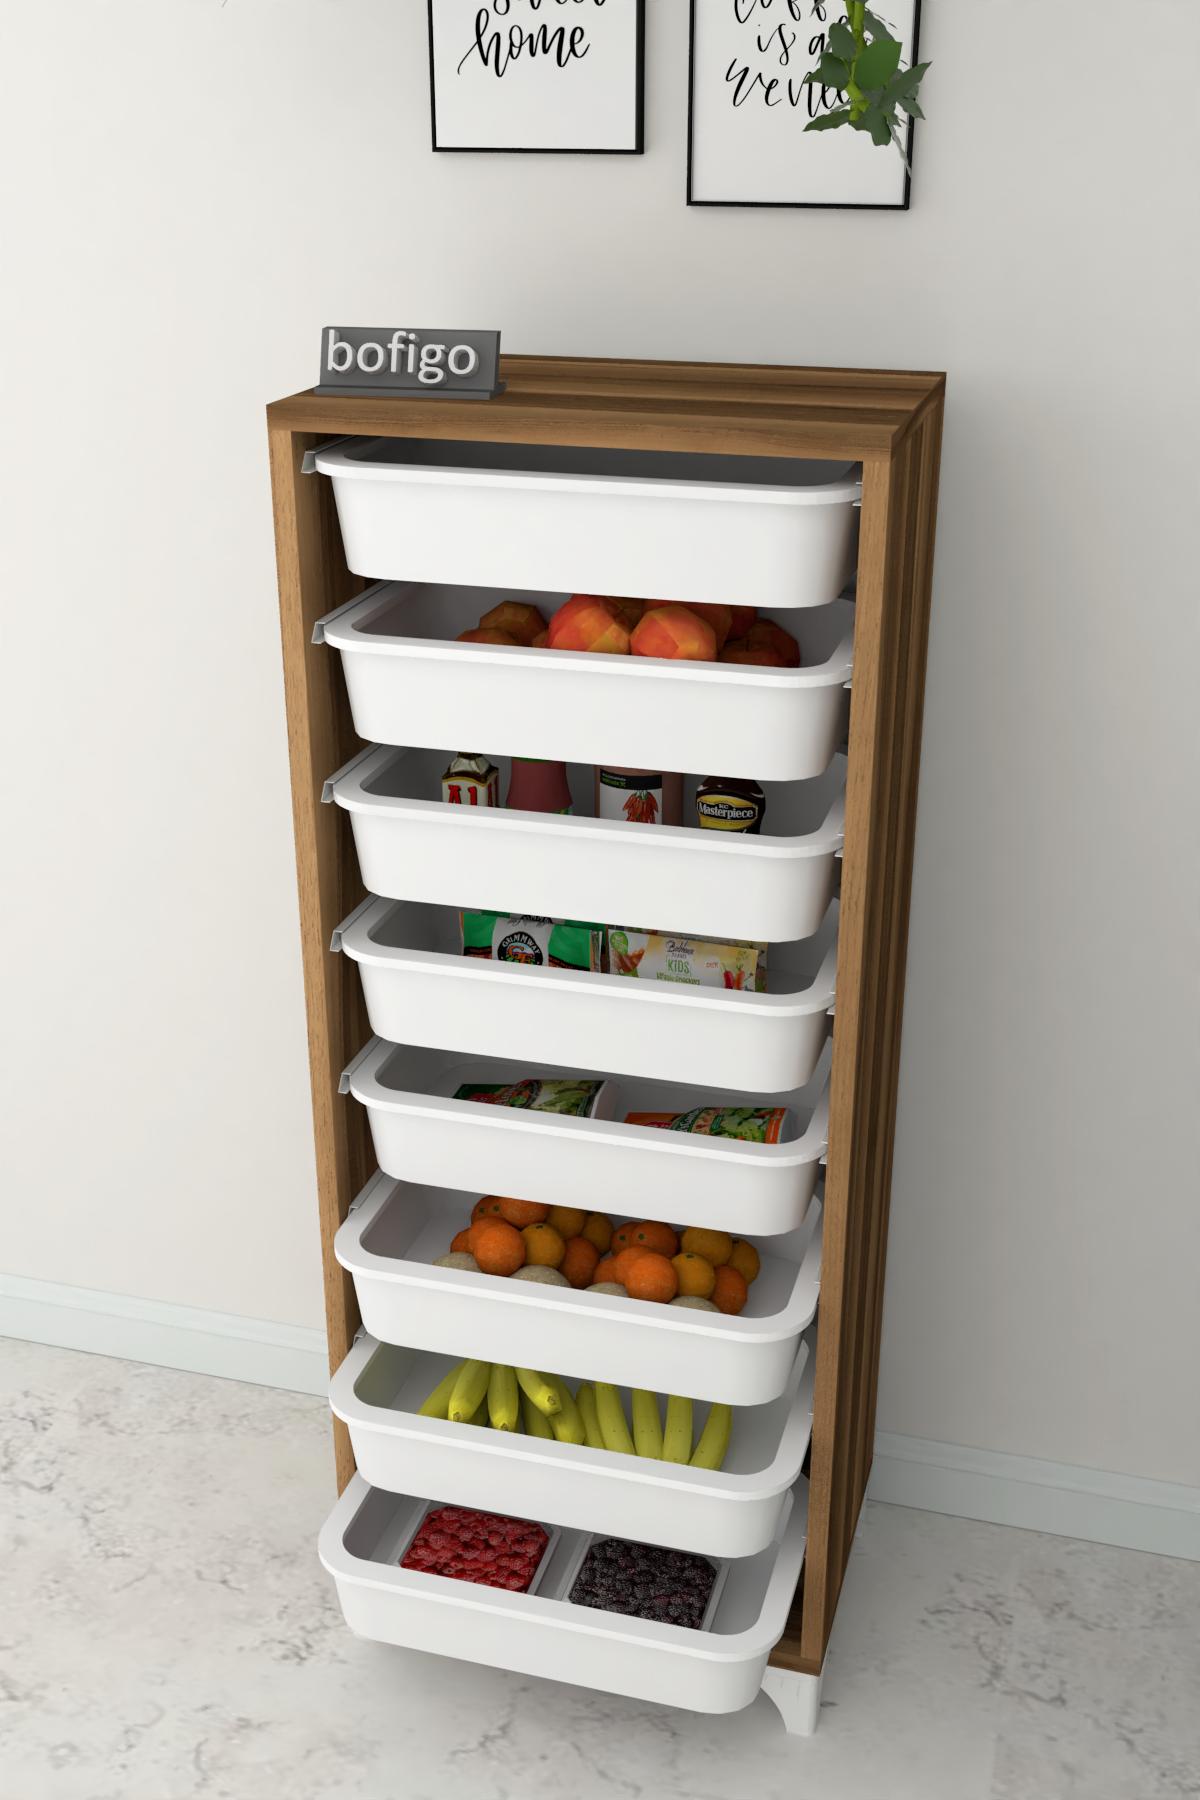 Bofigo 8 Sepetli Mutfak Dolabı Çok Amaçlı Dolap Sebzelik Ceviz